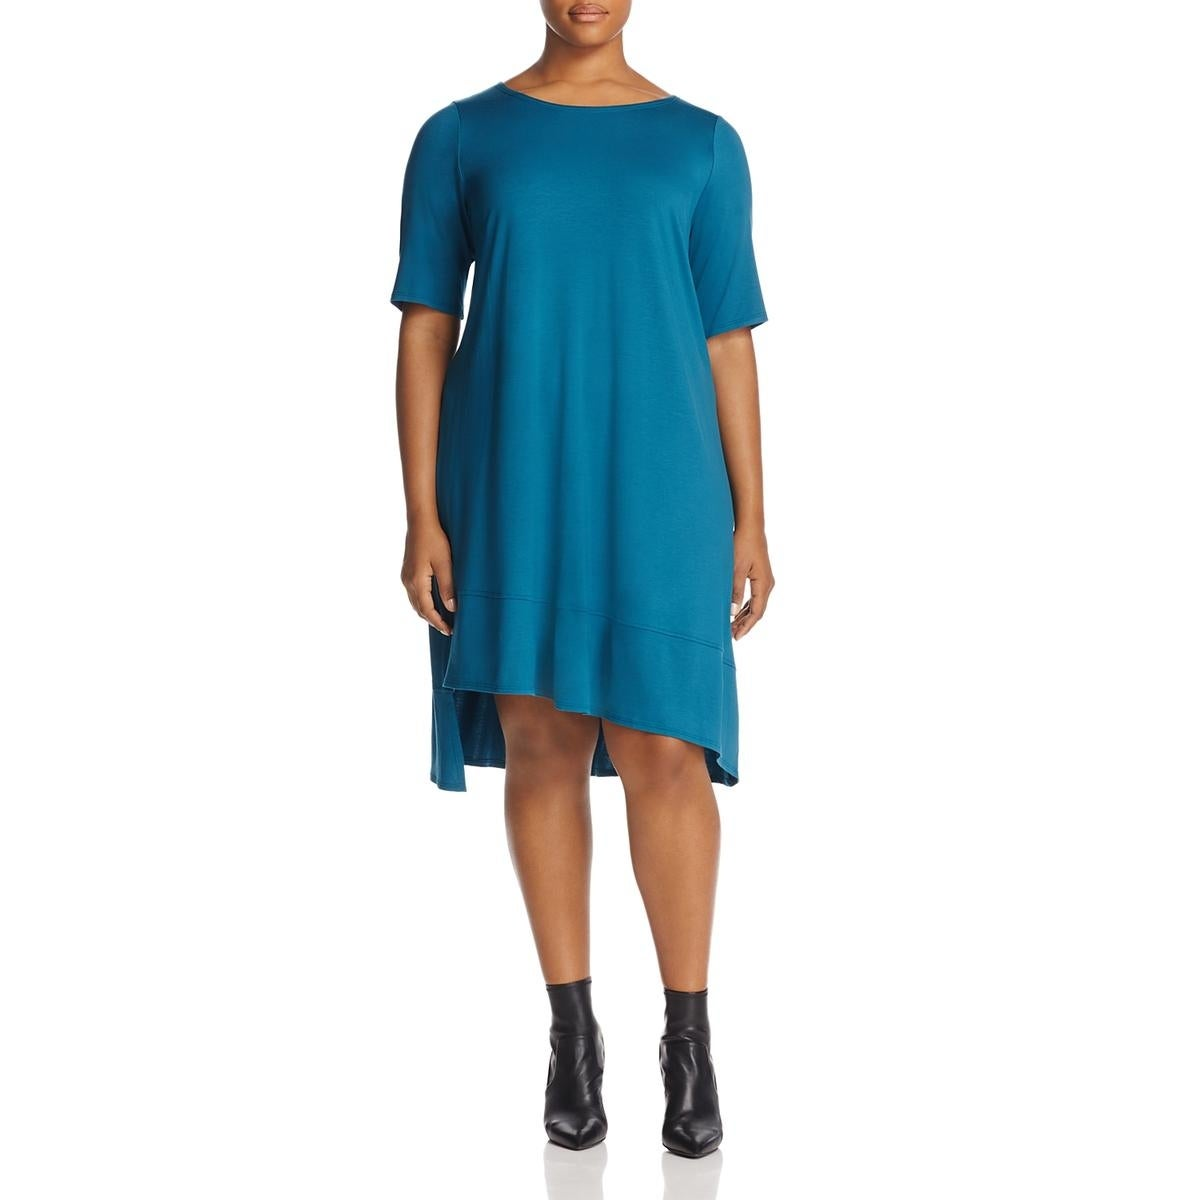 Shop Eileen Fisher Womens Plus T Shirt Dress Short Sleeves Knee